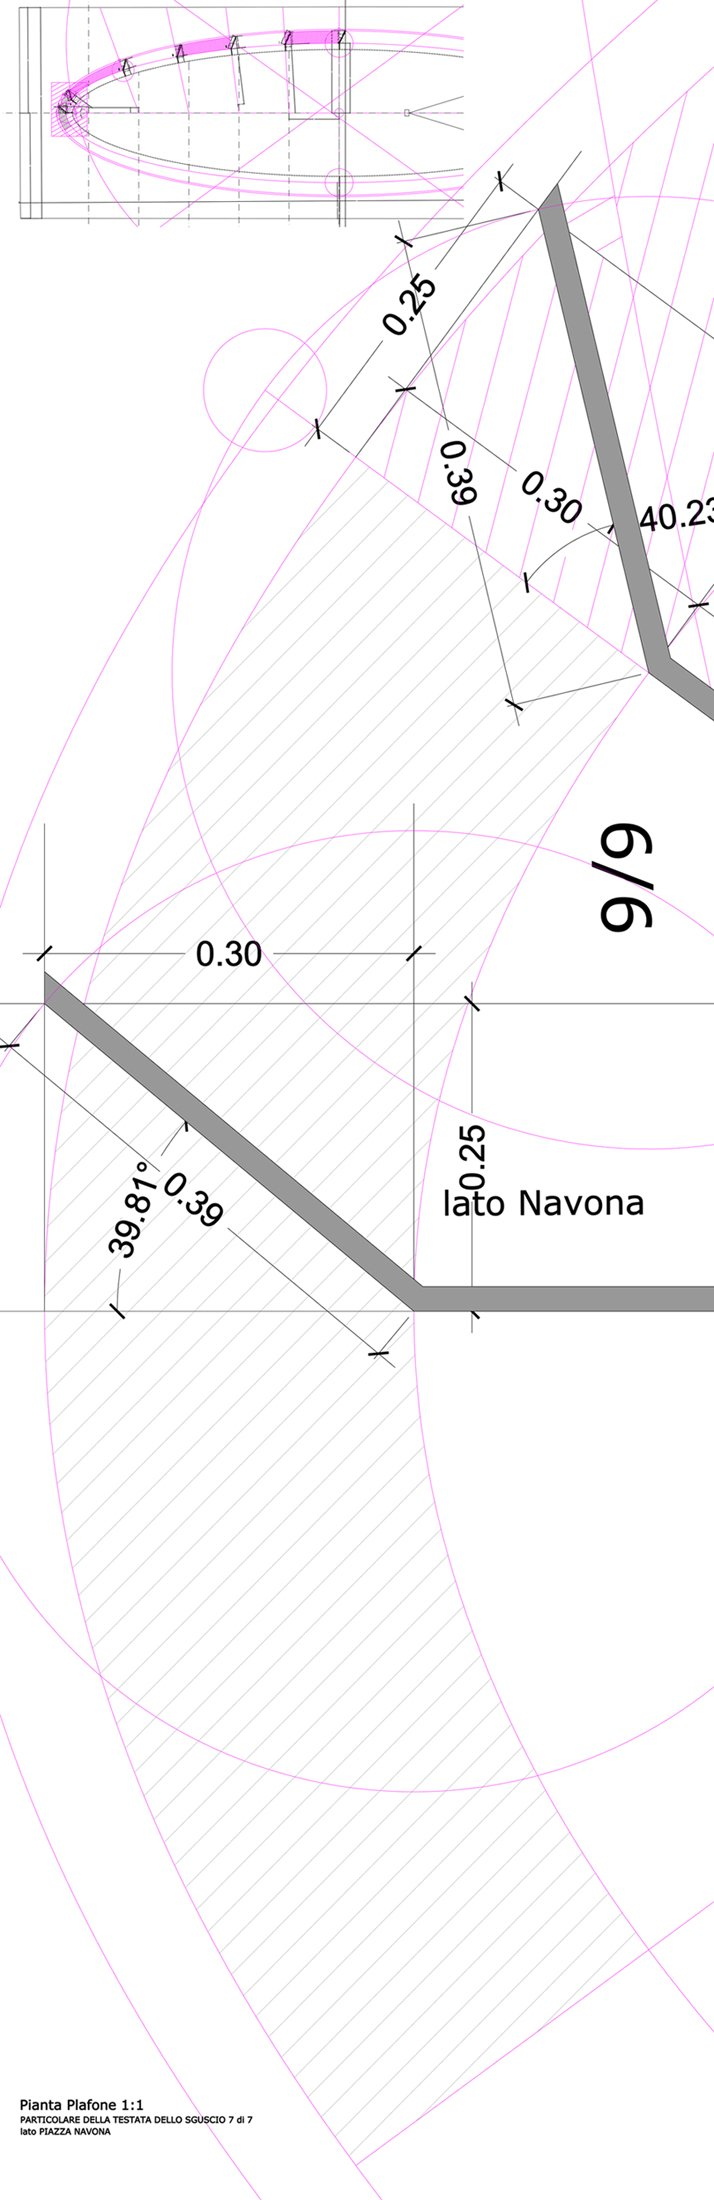 disegno tecnico ad uso della costruzione della dima in gesso dello sguscio terminale di bordo }